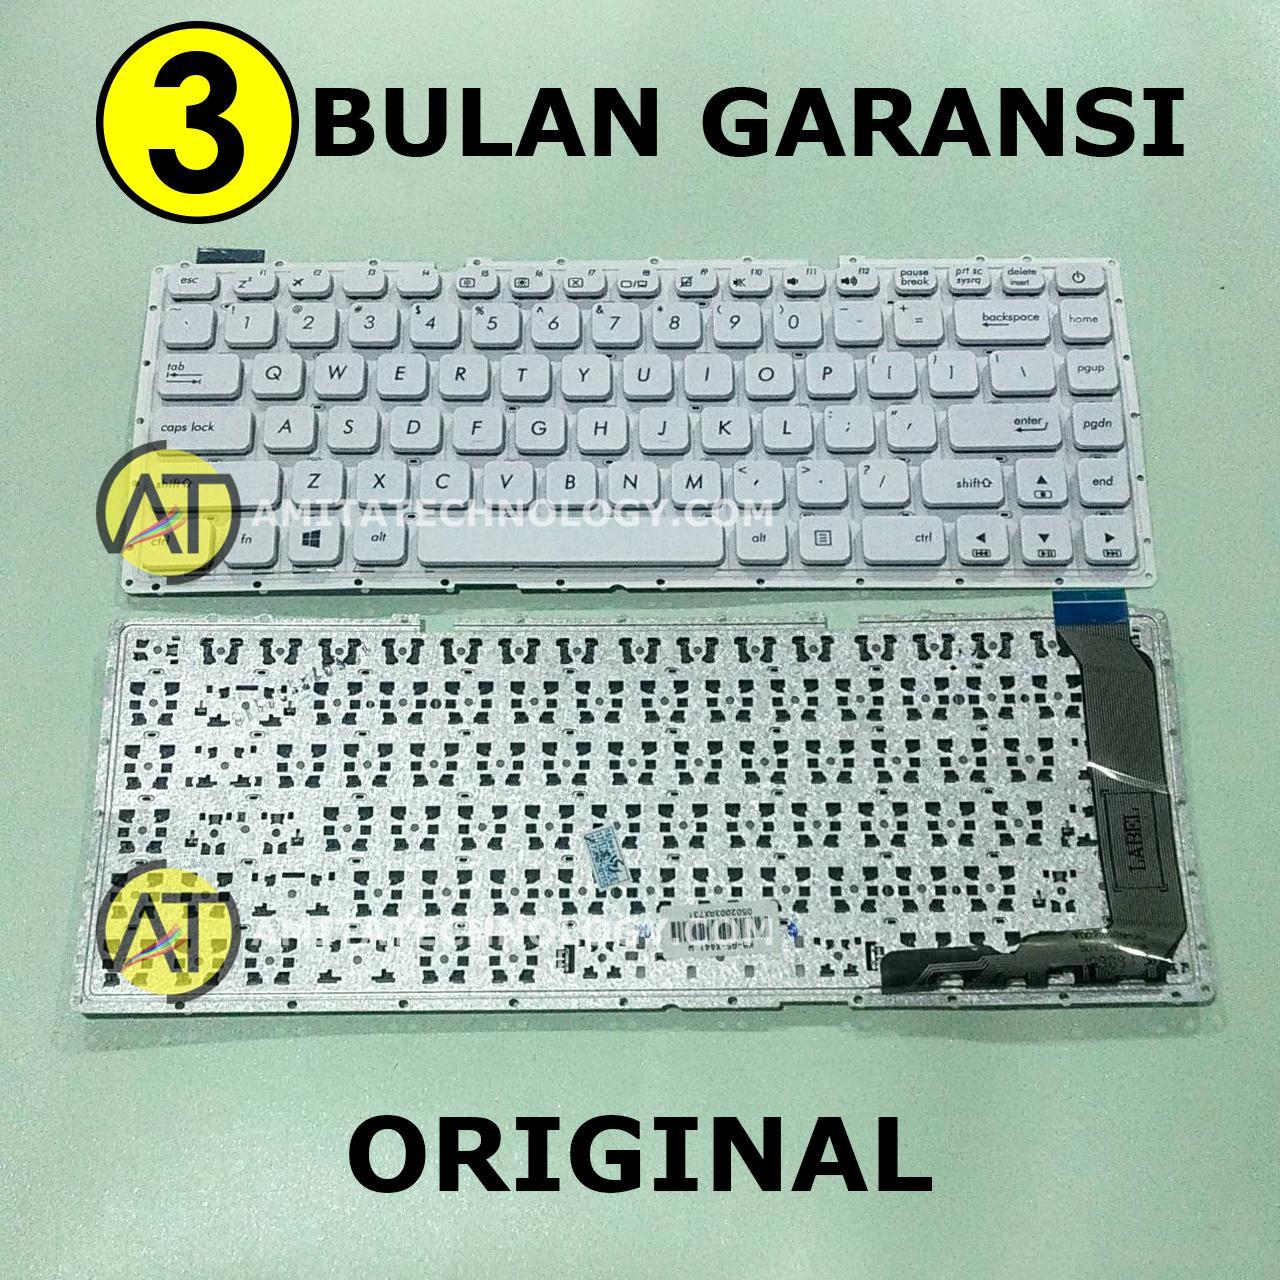 Amita - Keyboard ORIGINAL Asus A441 X441 A441U A441UA X441S X441SA X441SC X441U